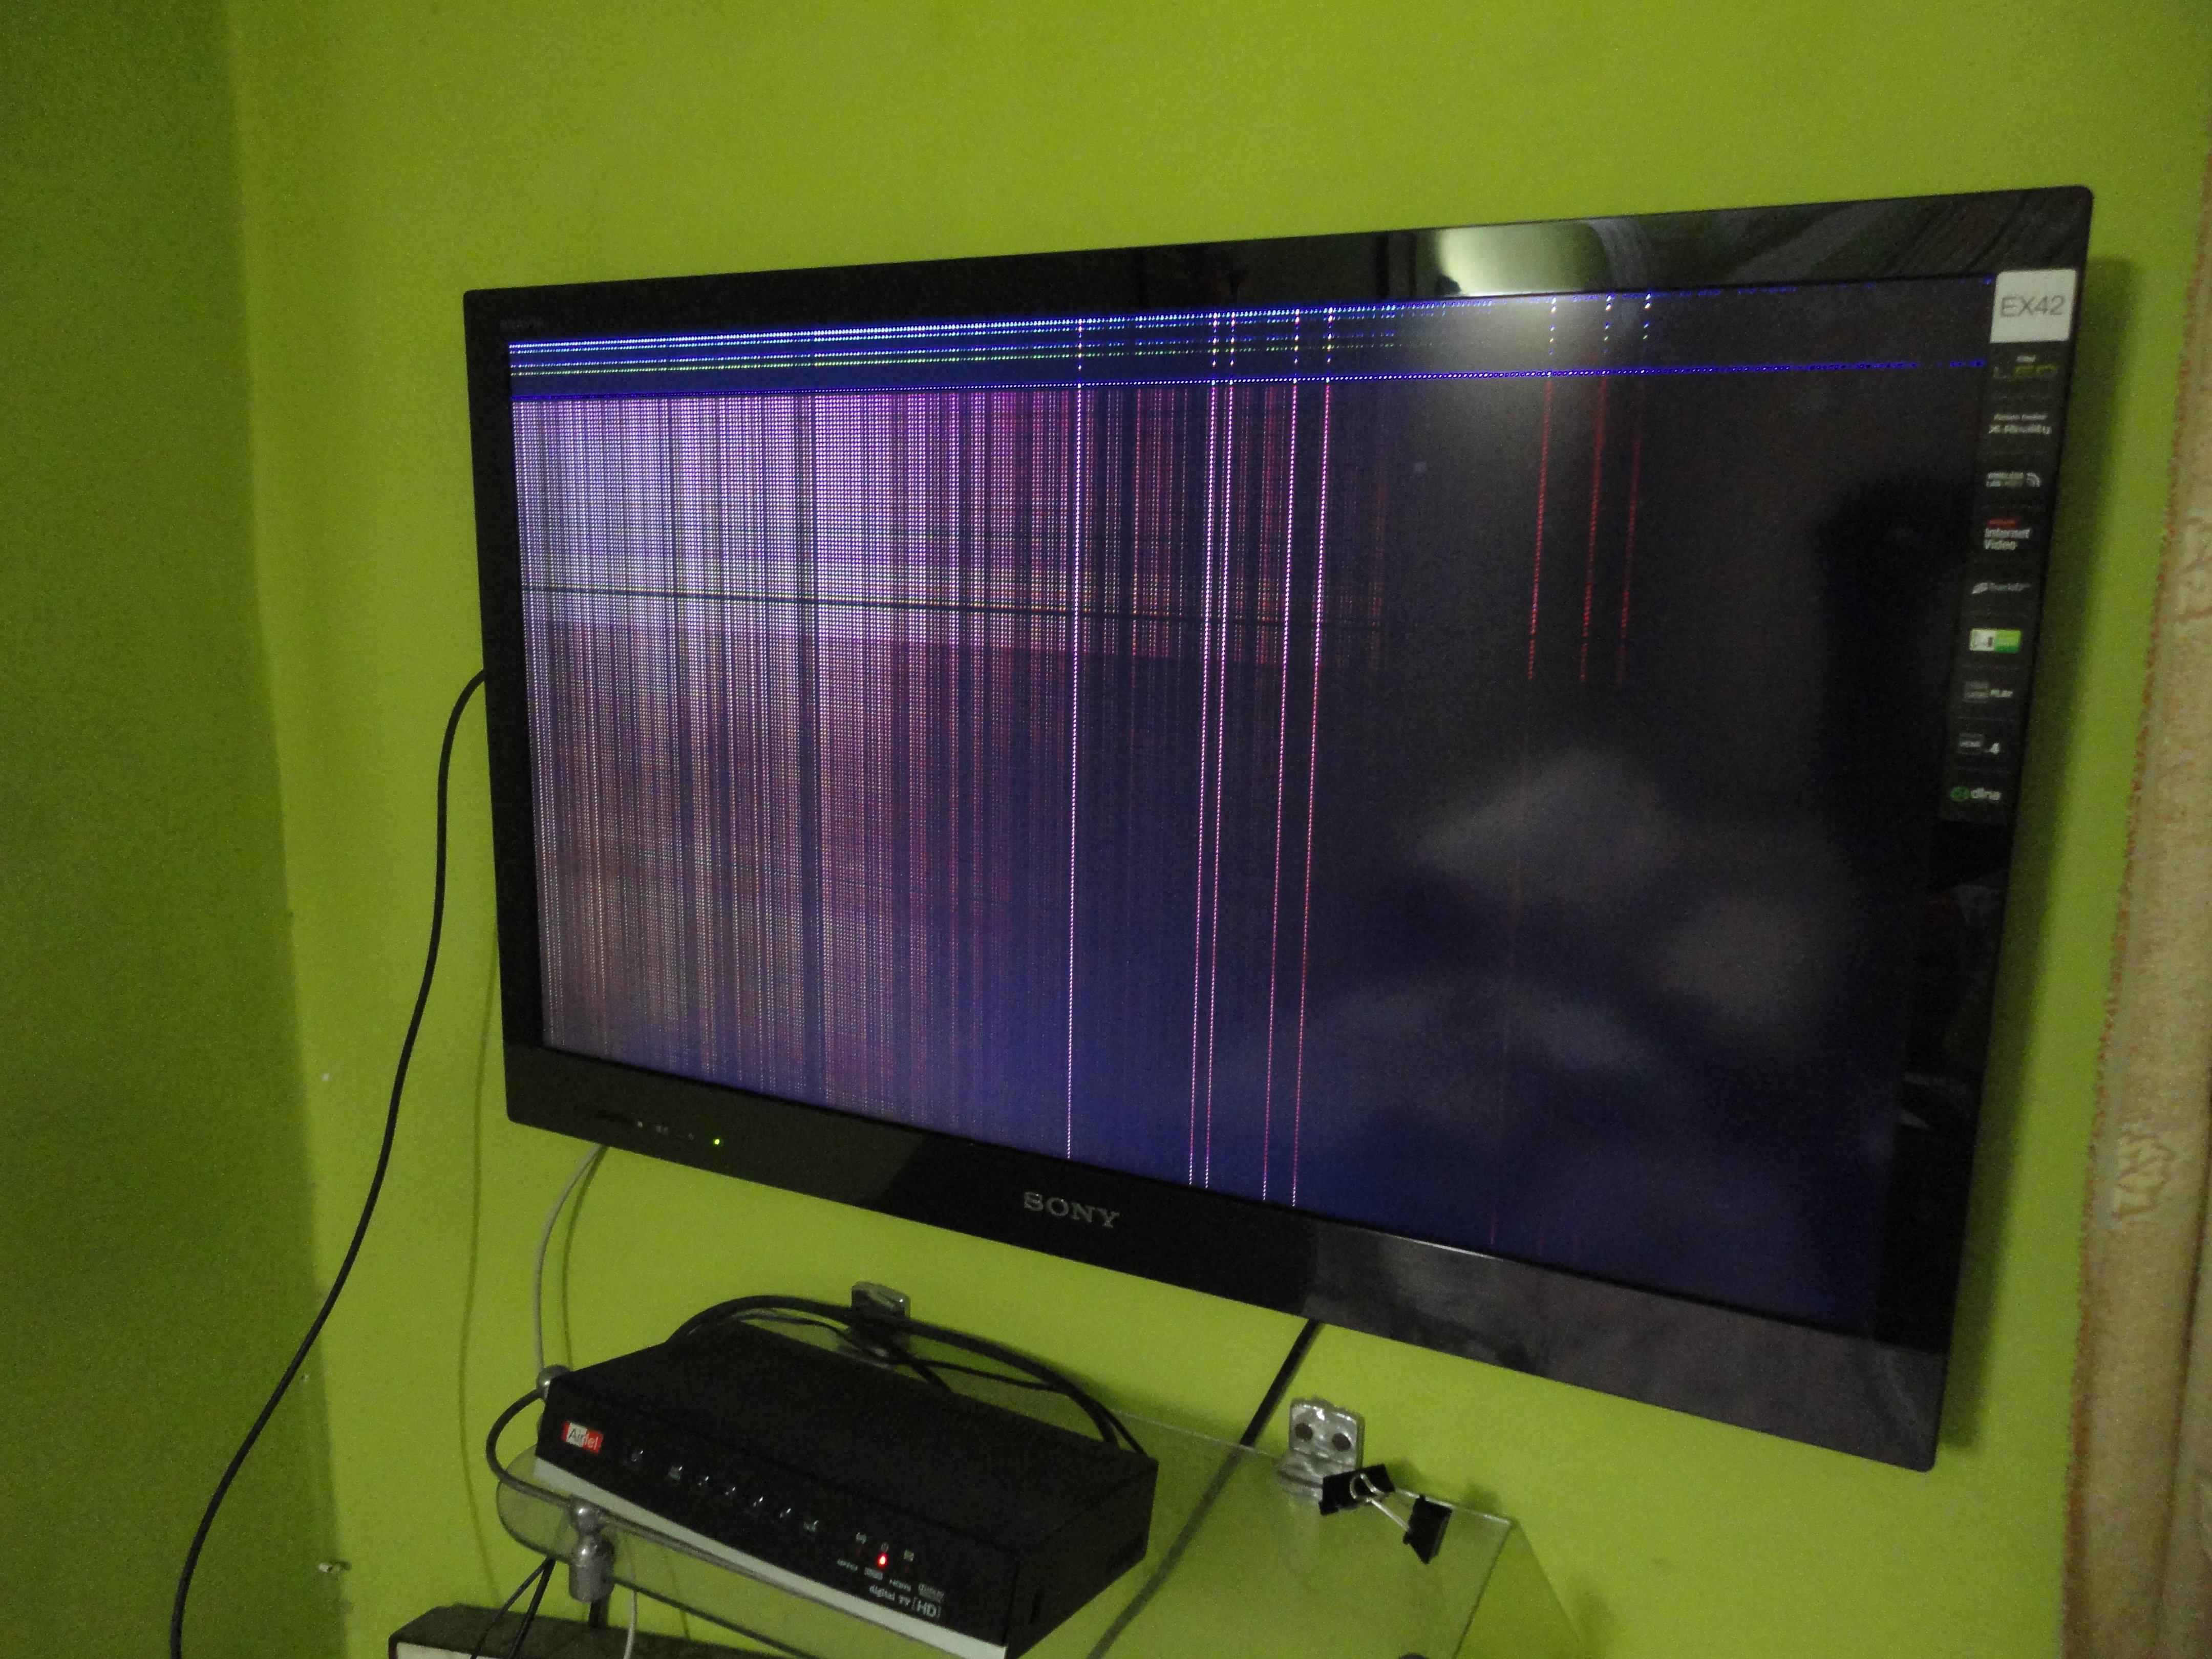 p mitsubishi ebay tv logic main dlp sanyo board dsc